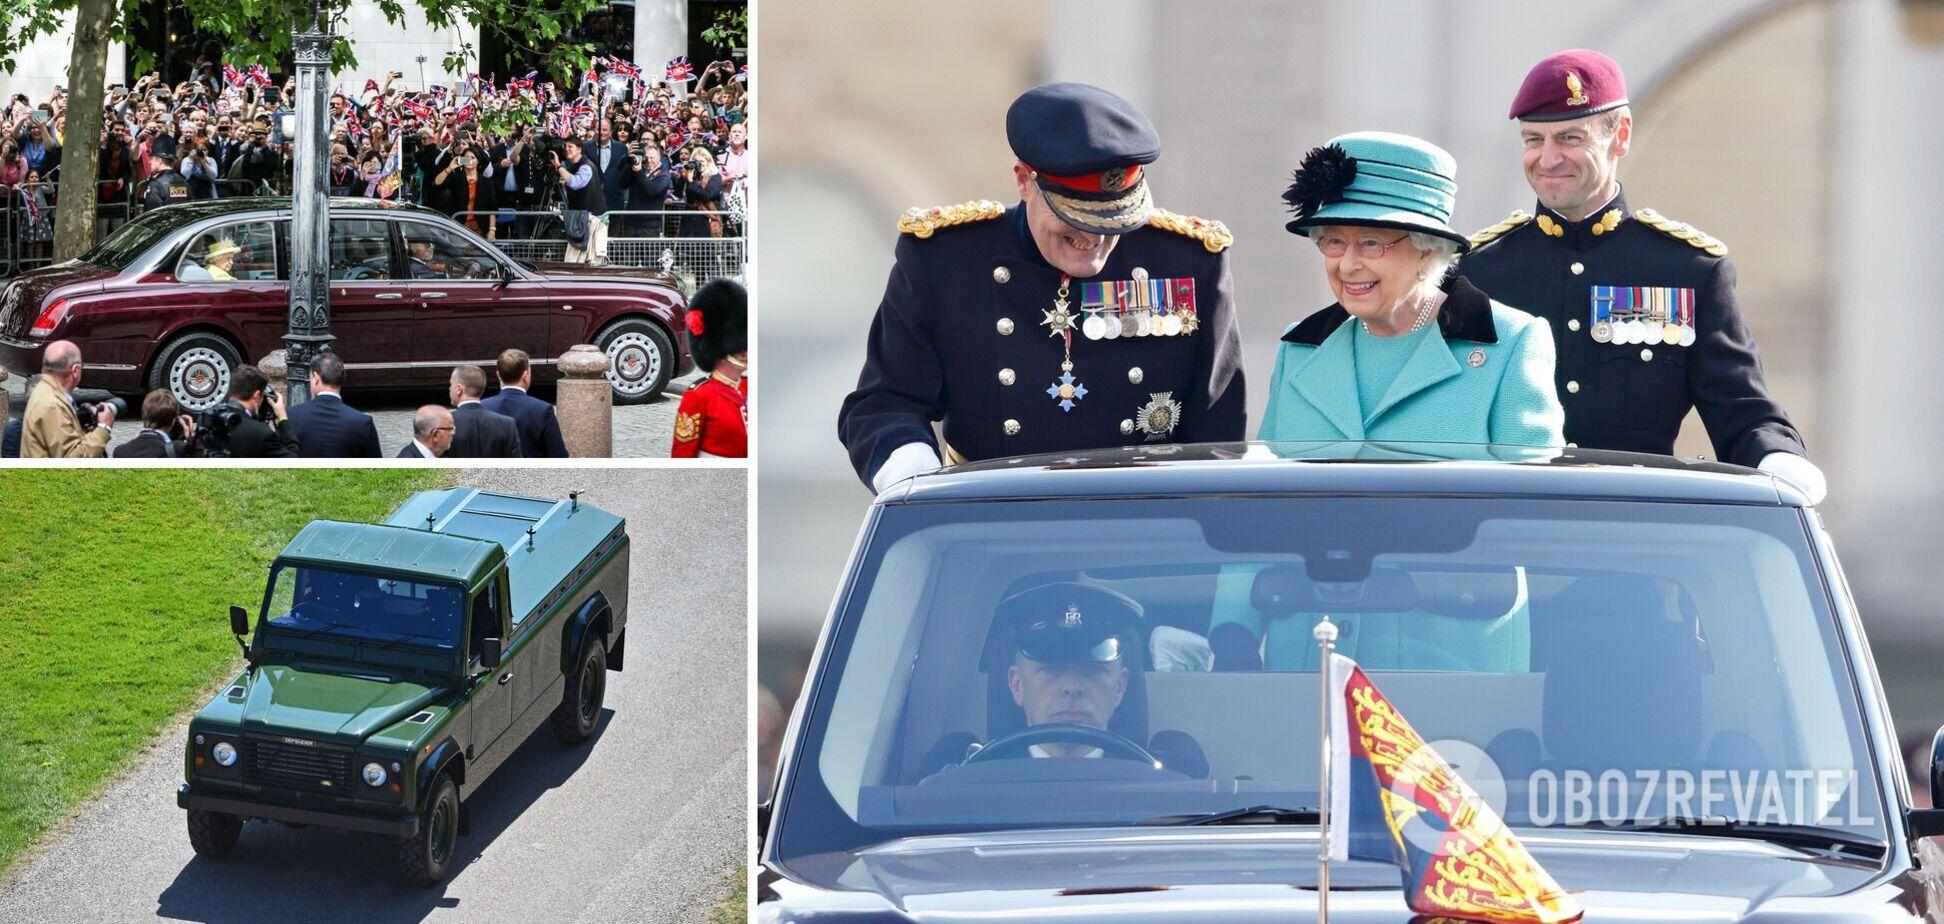 Несмотря на почтенный возраст, королева Елизавета II до сих пор водит машину